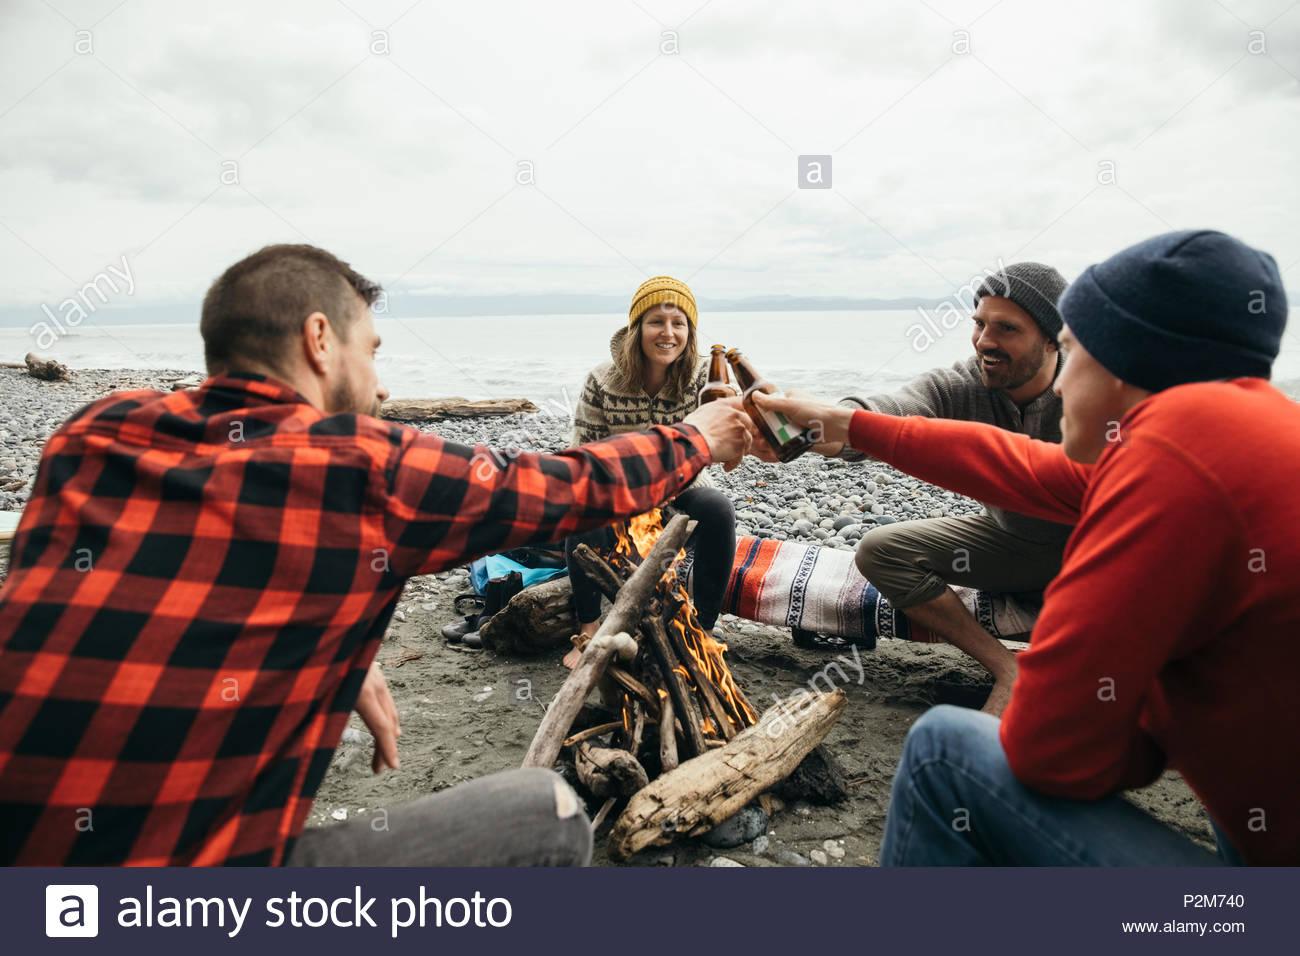 Amigos, disfrutando de una escapada de fin de semana de surf, cerveza de tostado en fogata en playa resistente Imagen De Stock